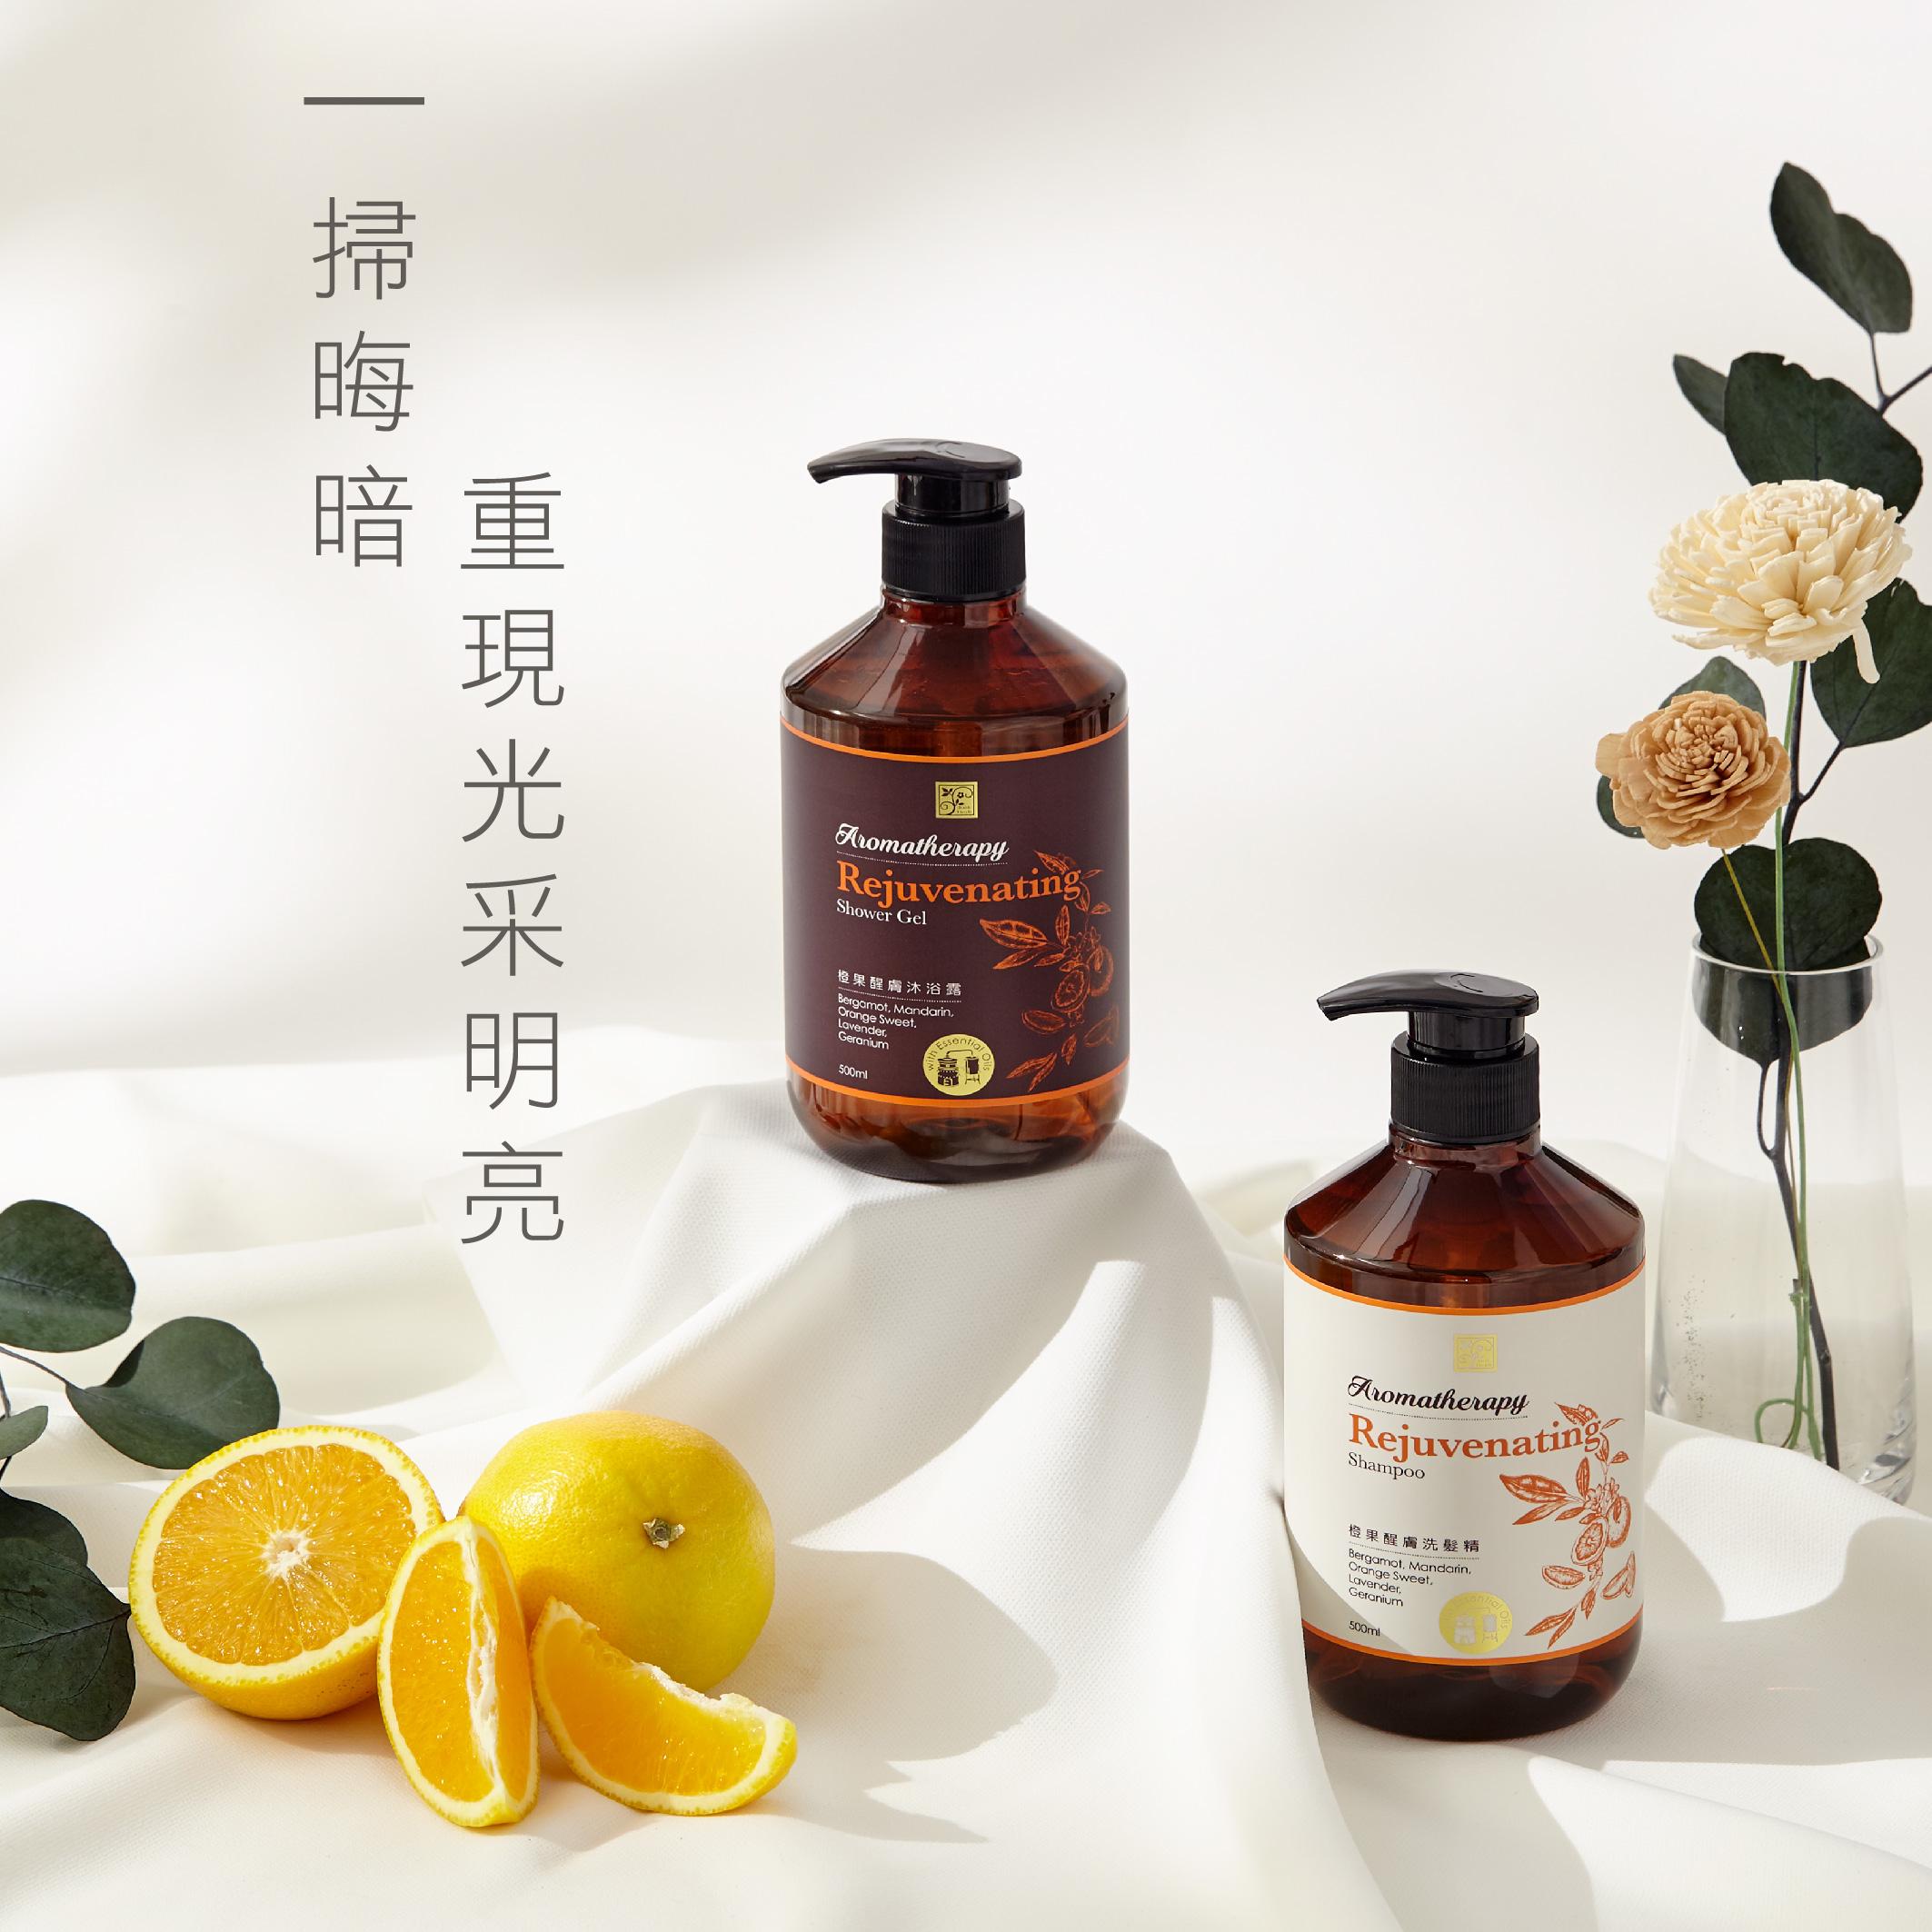 橙果醒膚系列新品